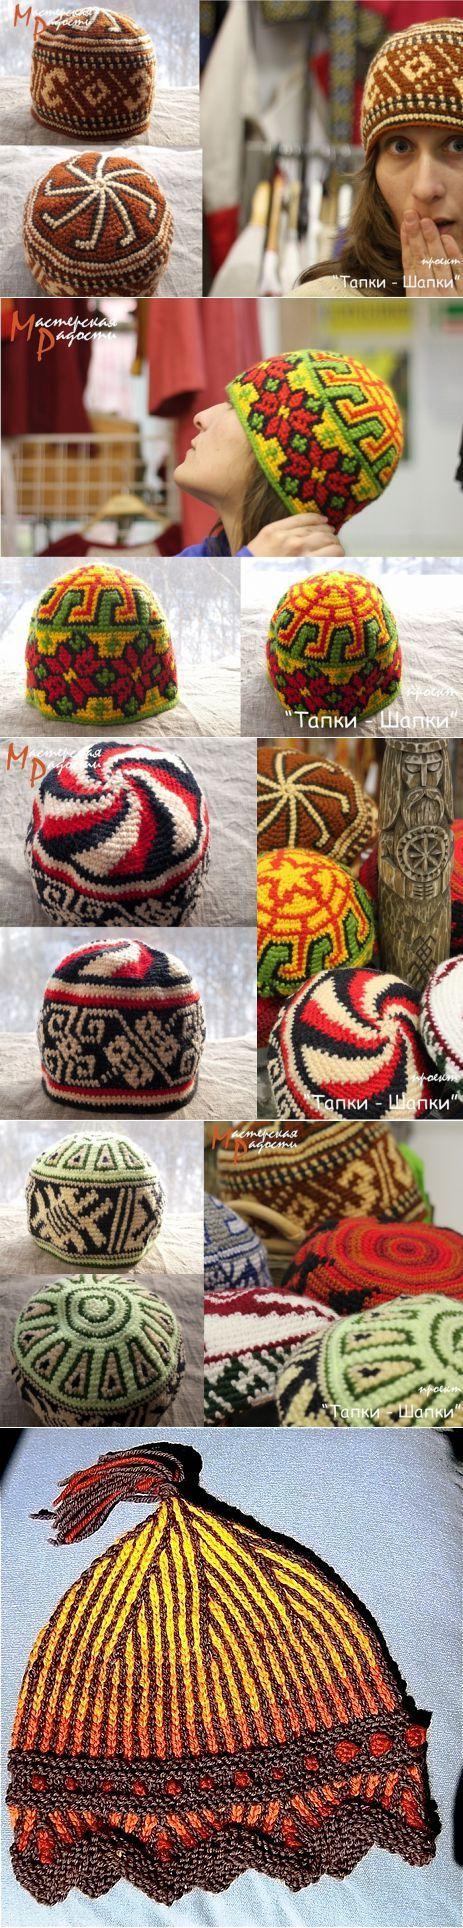 280 best gorros crochet images on Pinterest | Sombreros de ganchillo ...